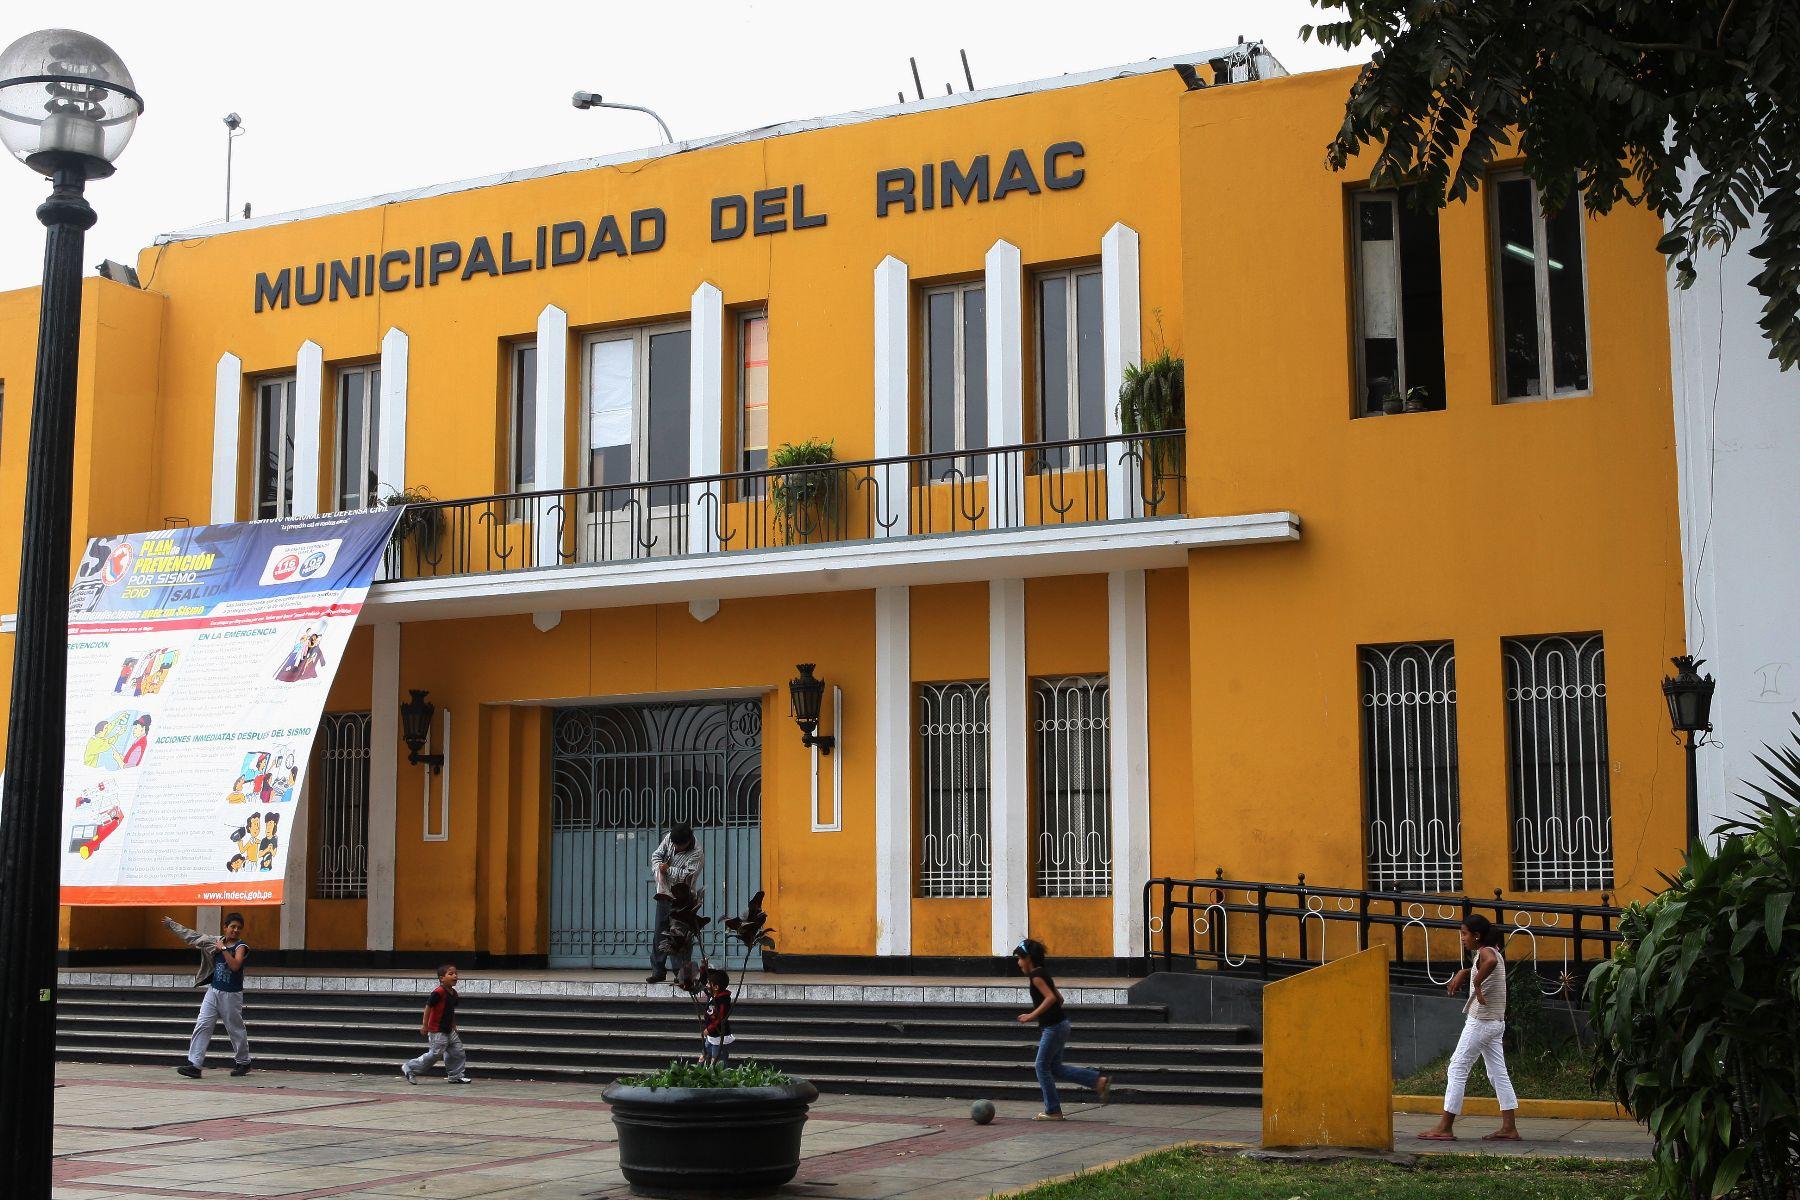 La Municipalidad del Rímac inicia inscripción de la población vulnerable para la entrega de canastas. ANDINA/Norman Córdova